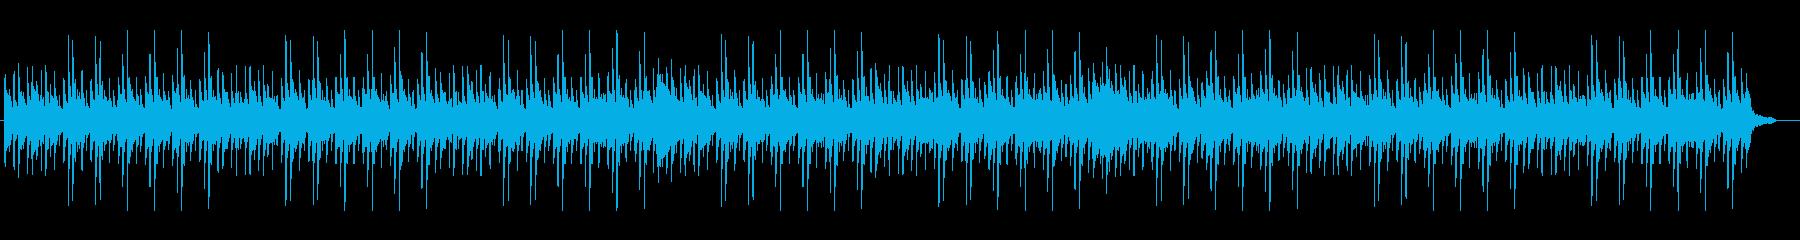 エキゾチックで壮大なアンビエントBGMの再生済みの波形